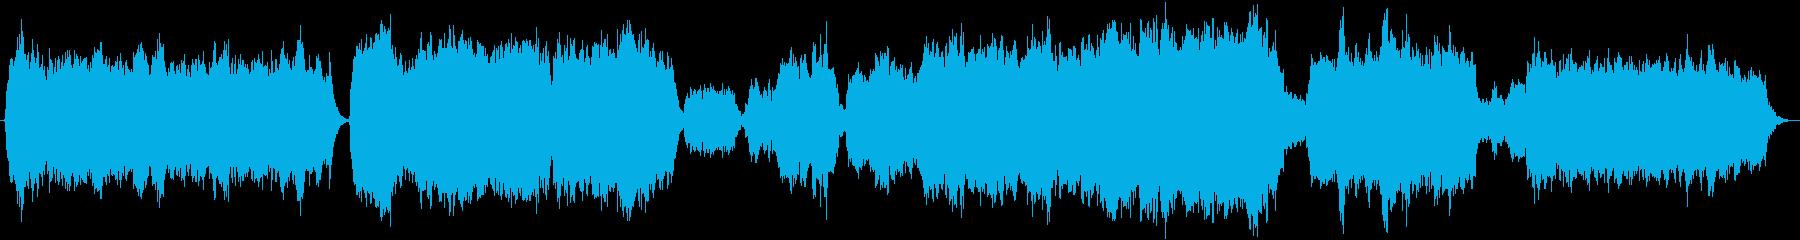 弦楽とパイプオルガンによる讃美歌風BGMの再生済みの波形